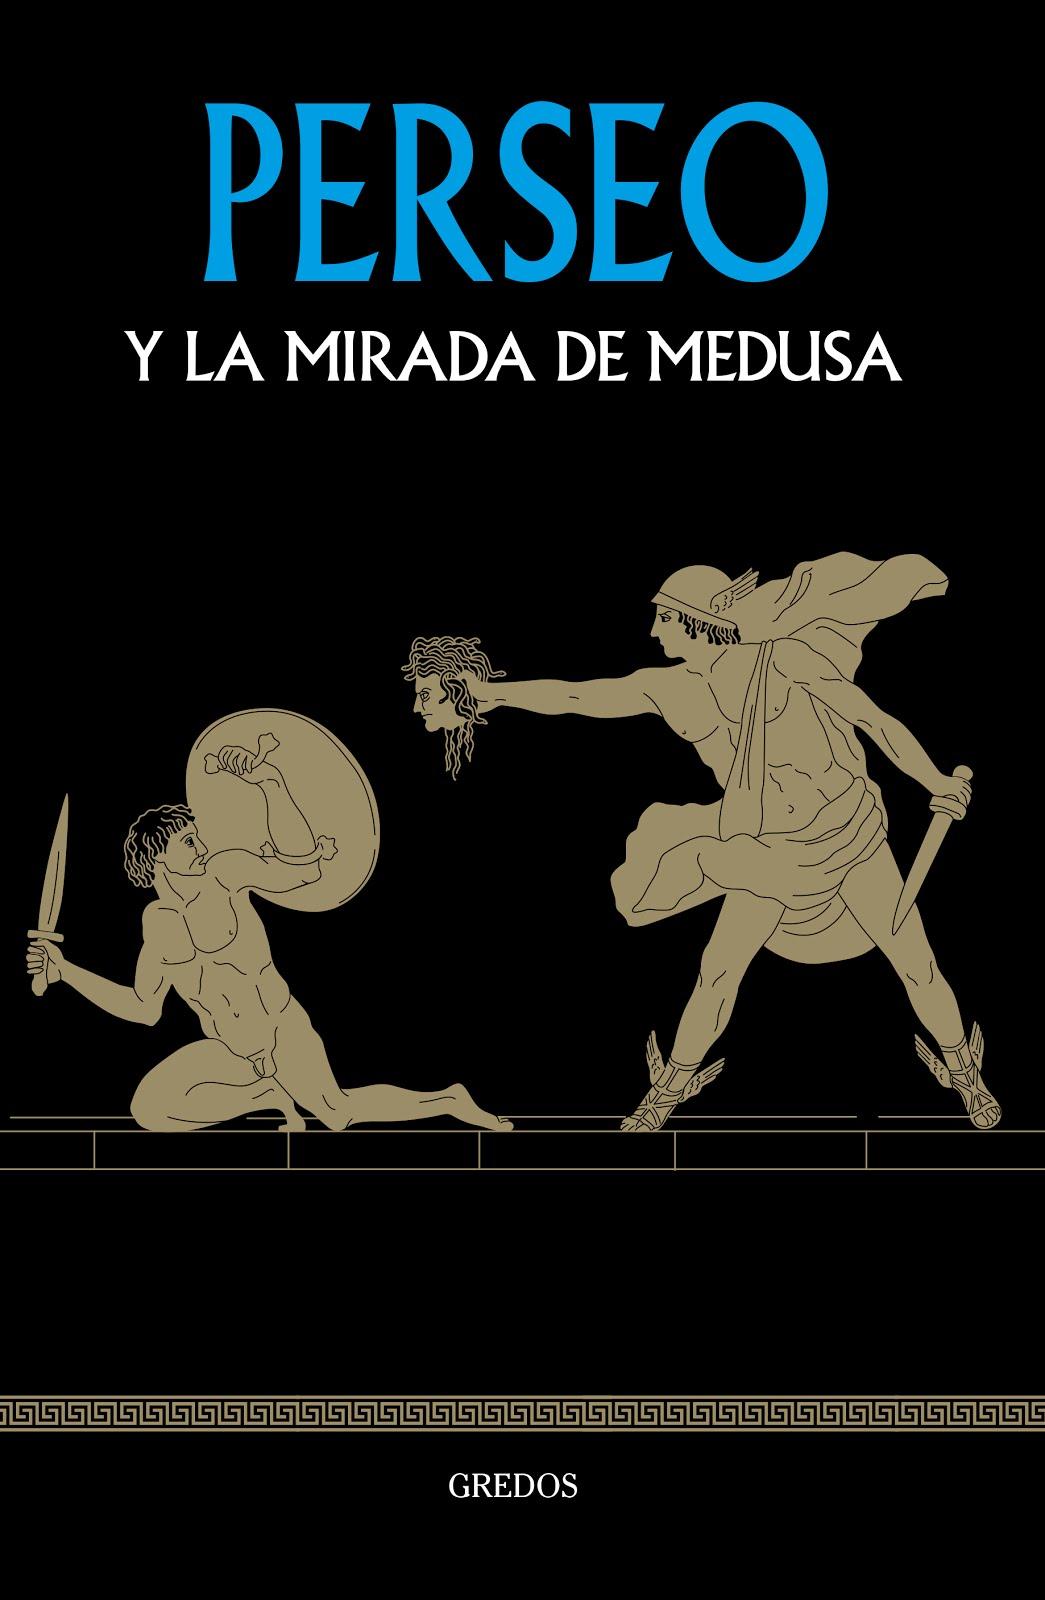 Mi nueva novela corta, nº 9 de la colección de Mitología Gredos